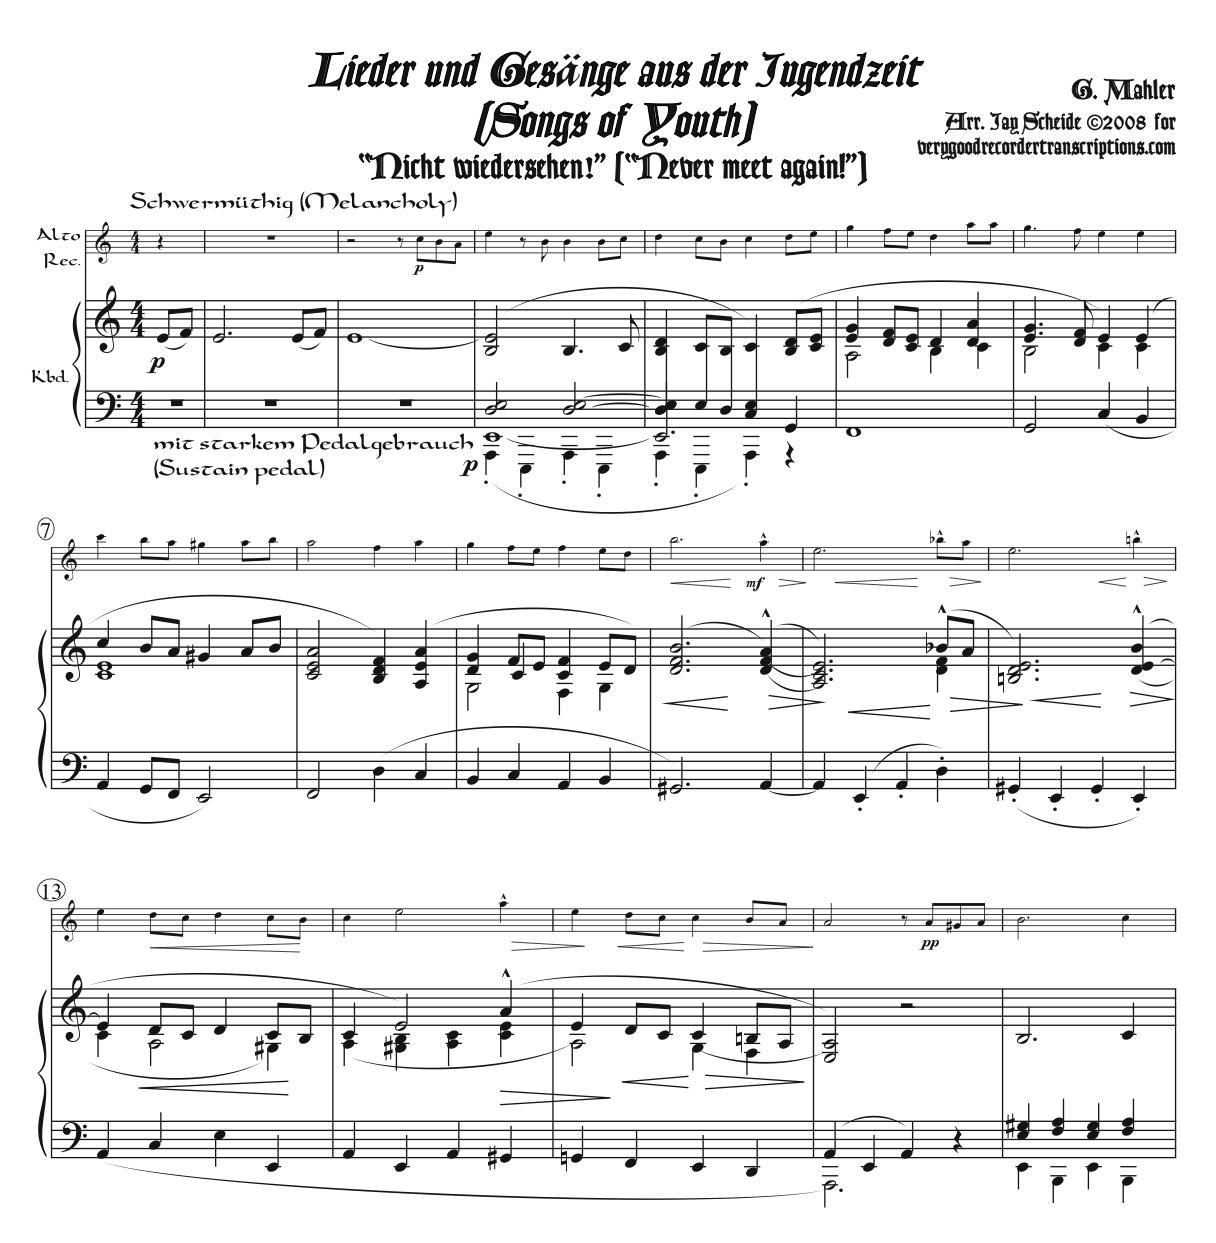 Two Songs from *Lieder und Gesänge aus der Jugendzeit*